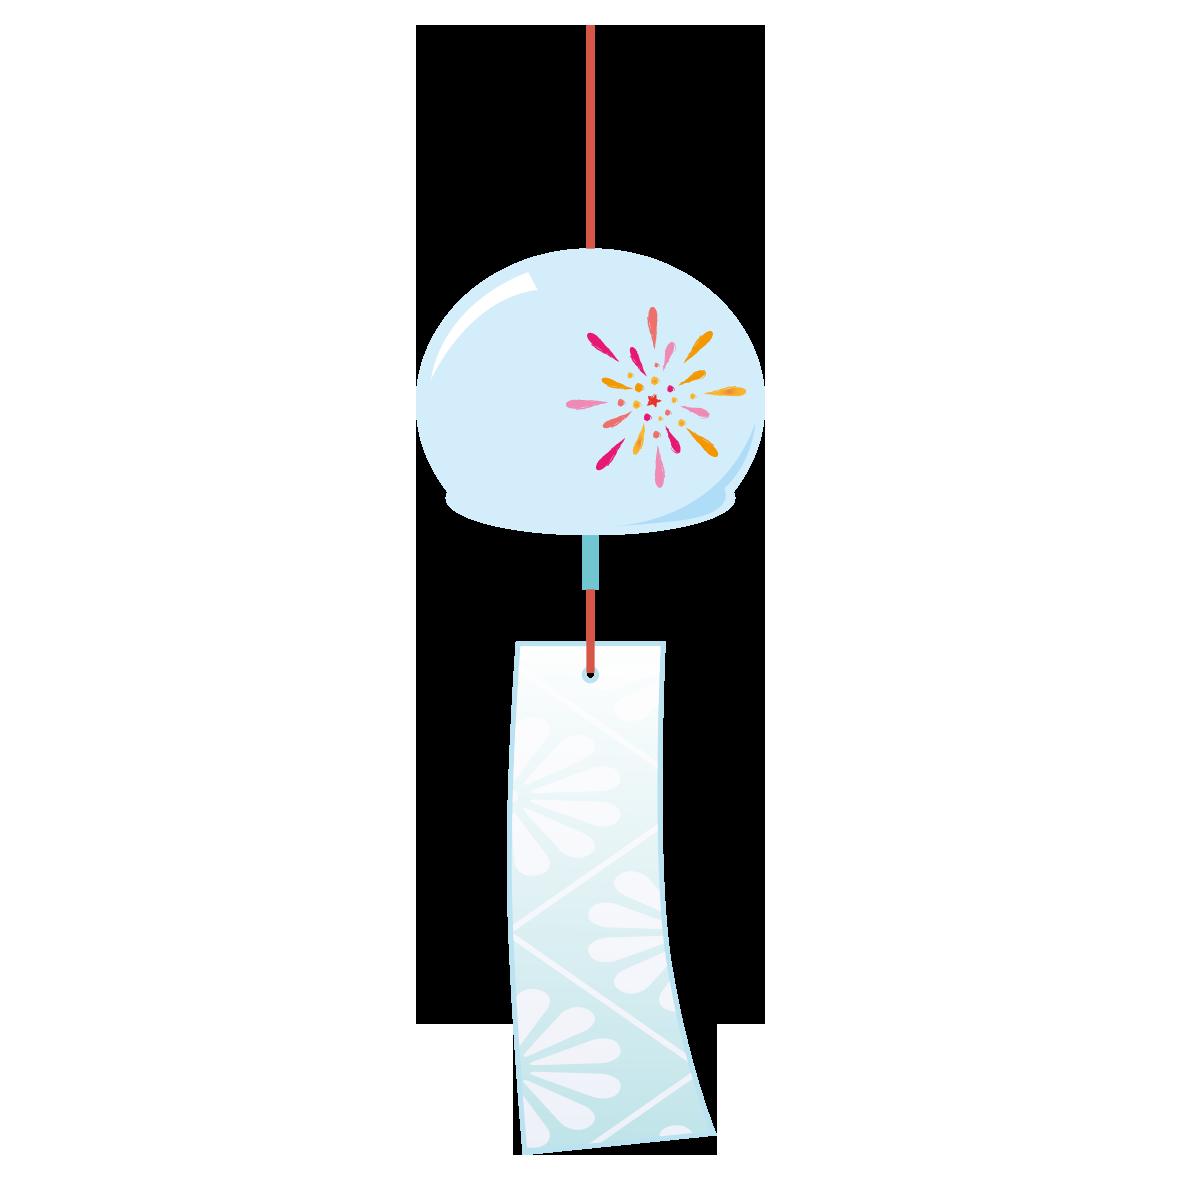 涼し気に揺れる風鈴 風鈴 イラスト イラスト 無料 イラスト 素材